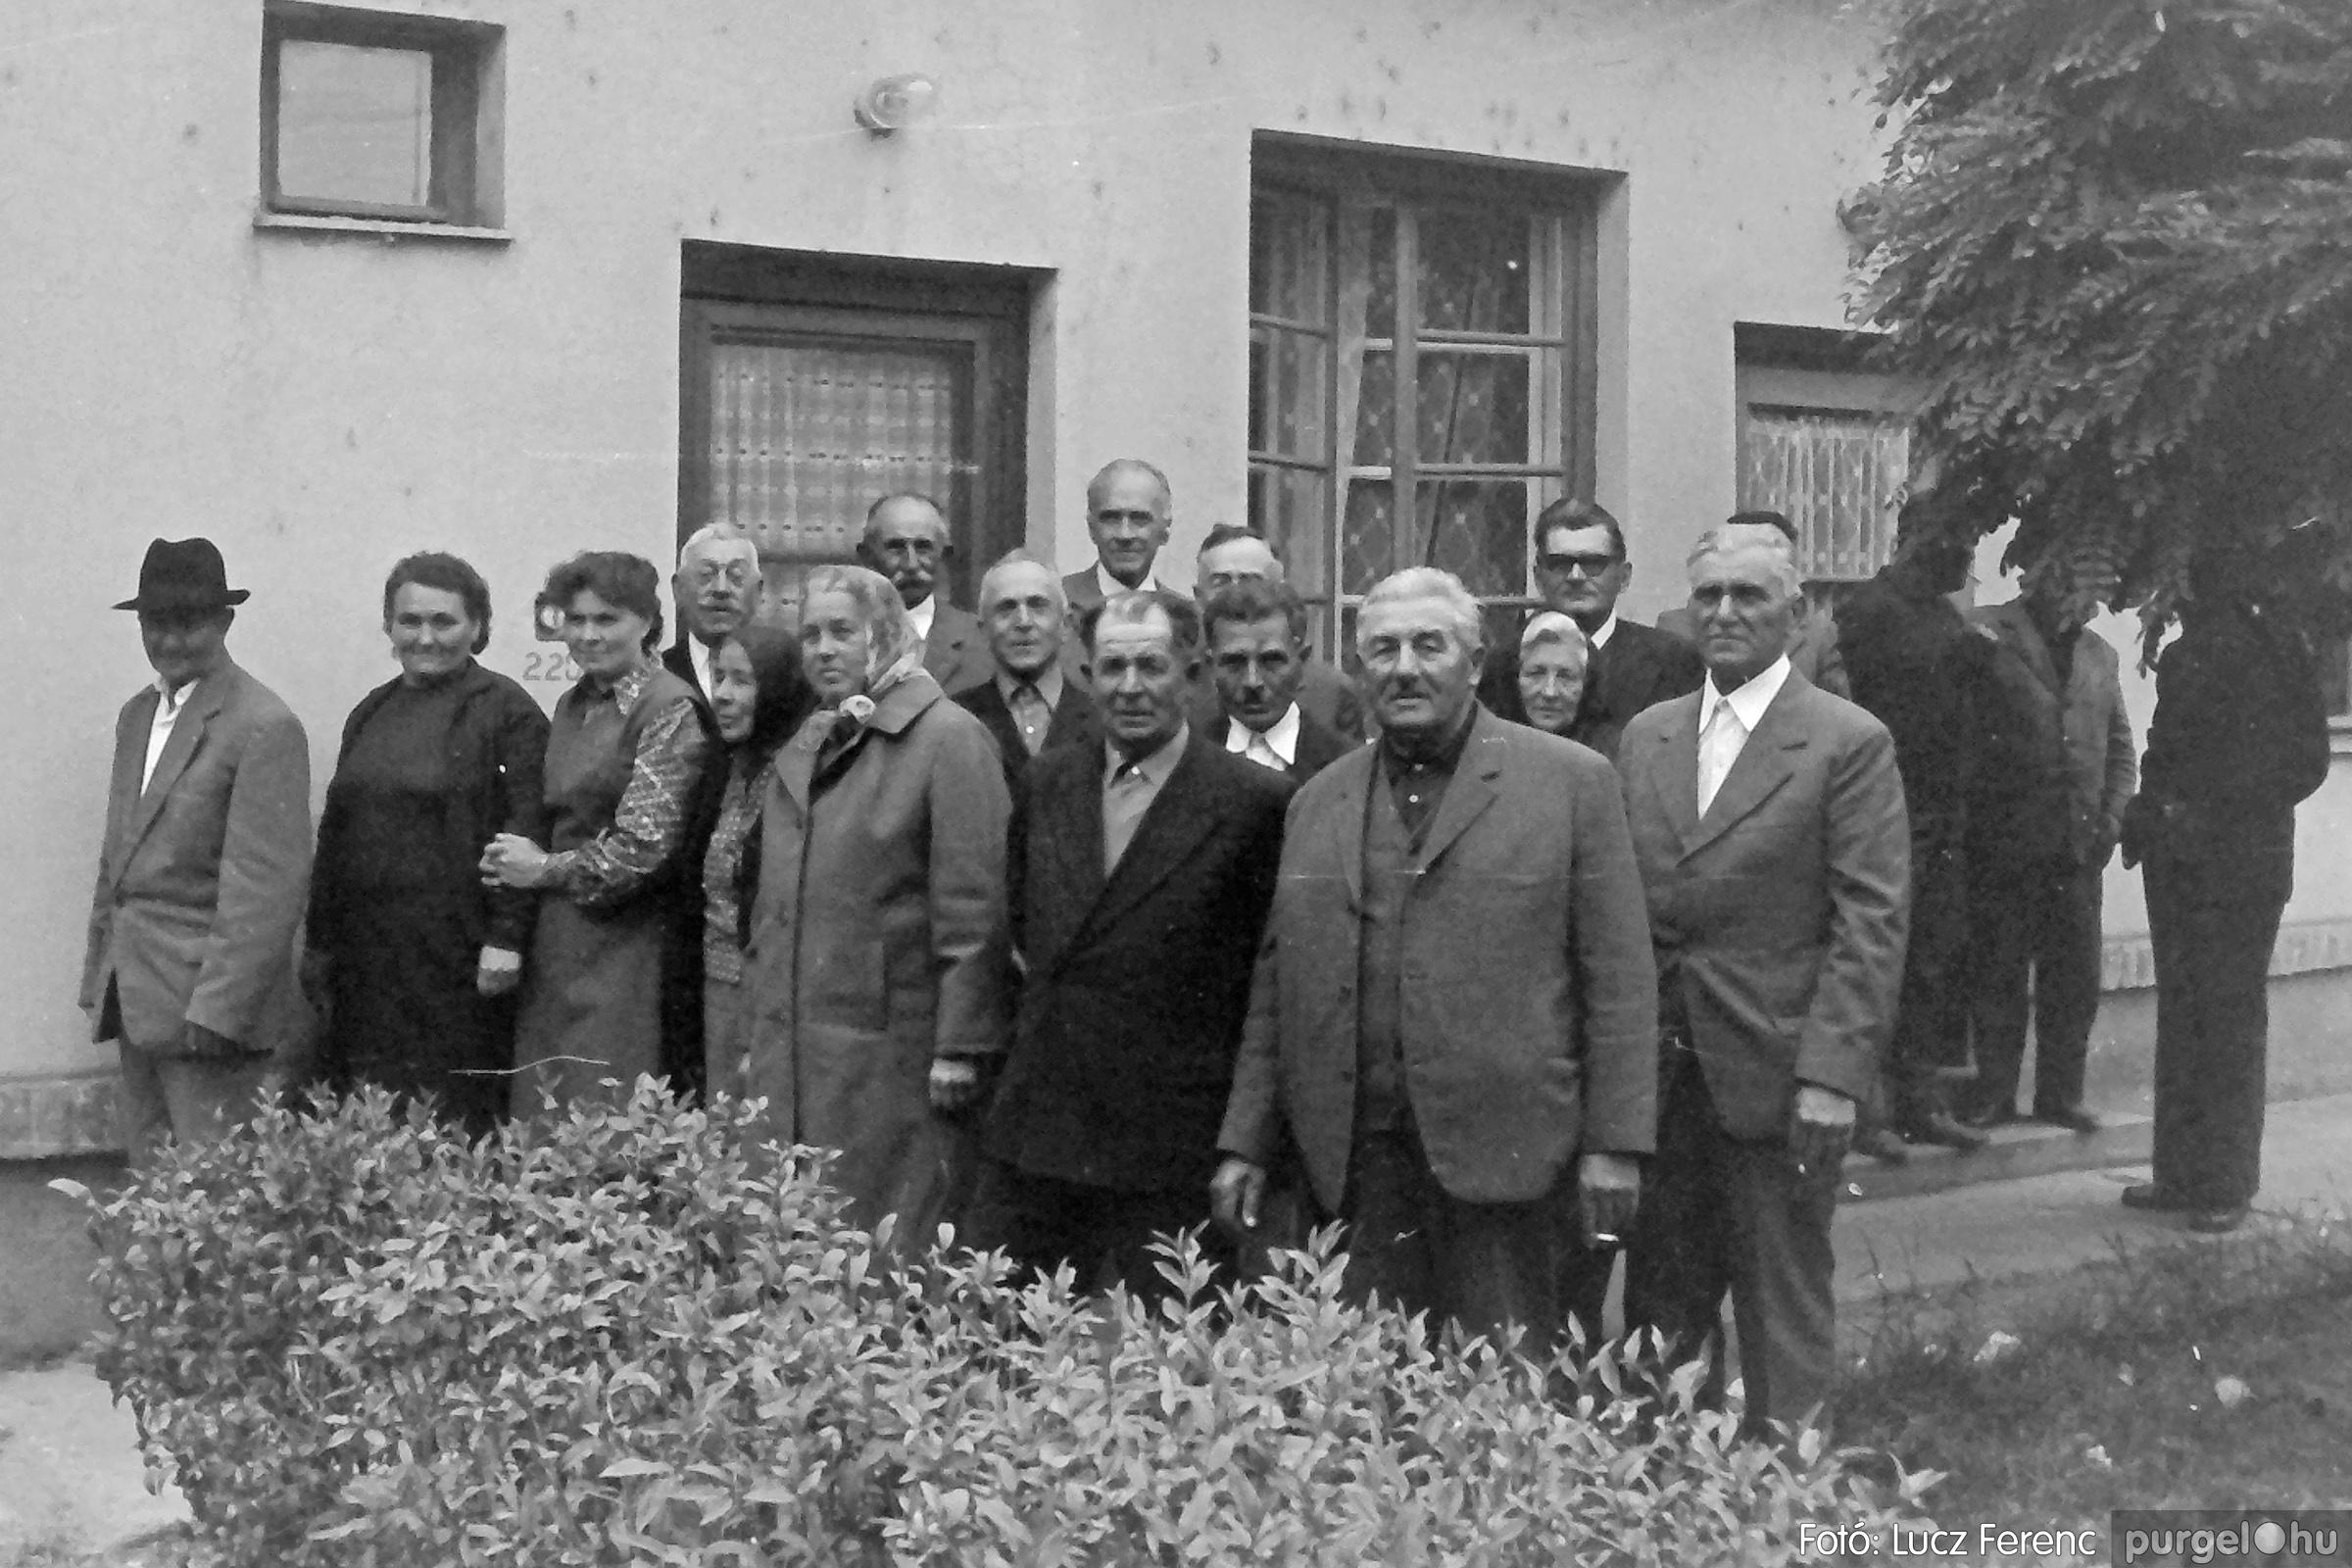 088A. 1977. Nyugdíjas találkozó a Kendergyárban 002. - Fotó: Lucz Ferenc.jpg